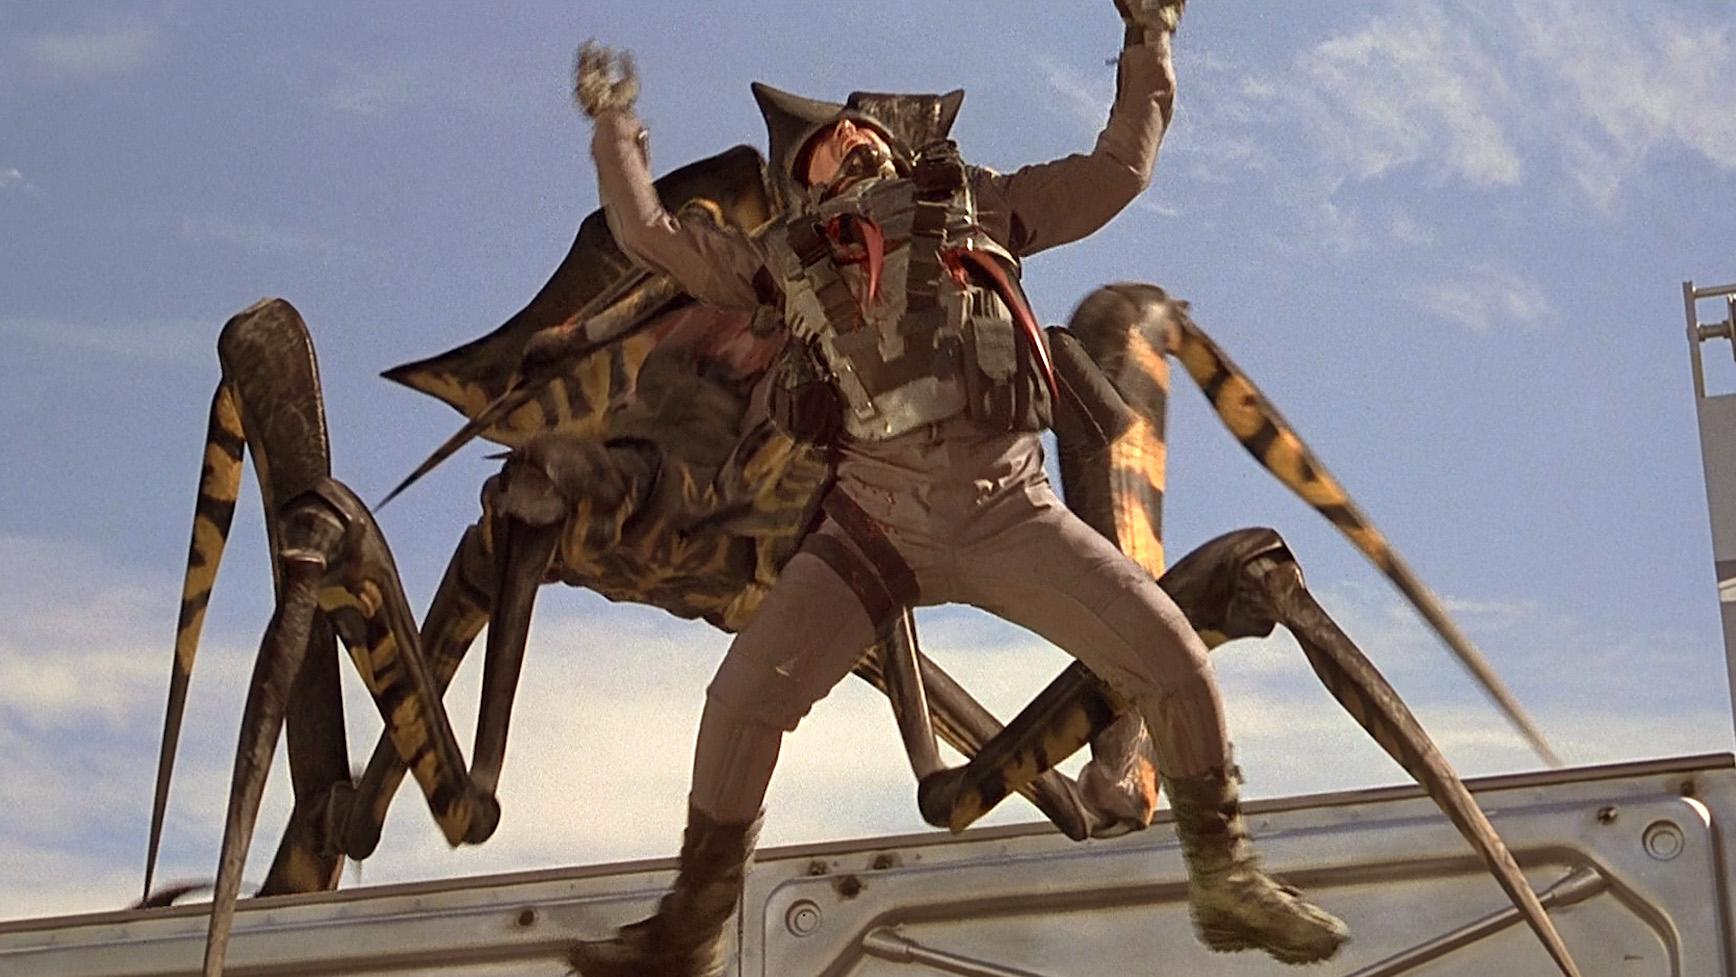 星际战争中人类被虫子秒成渣 6分钟看完科幻片《星河战队》